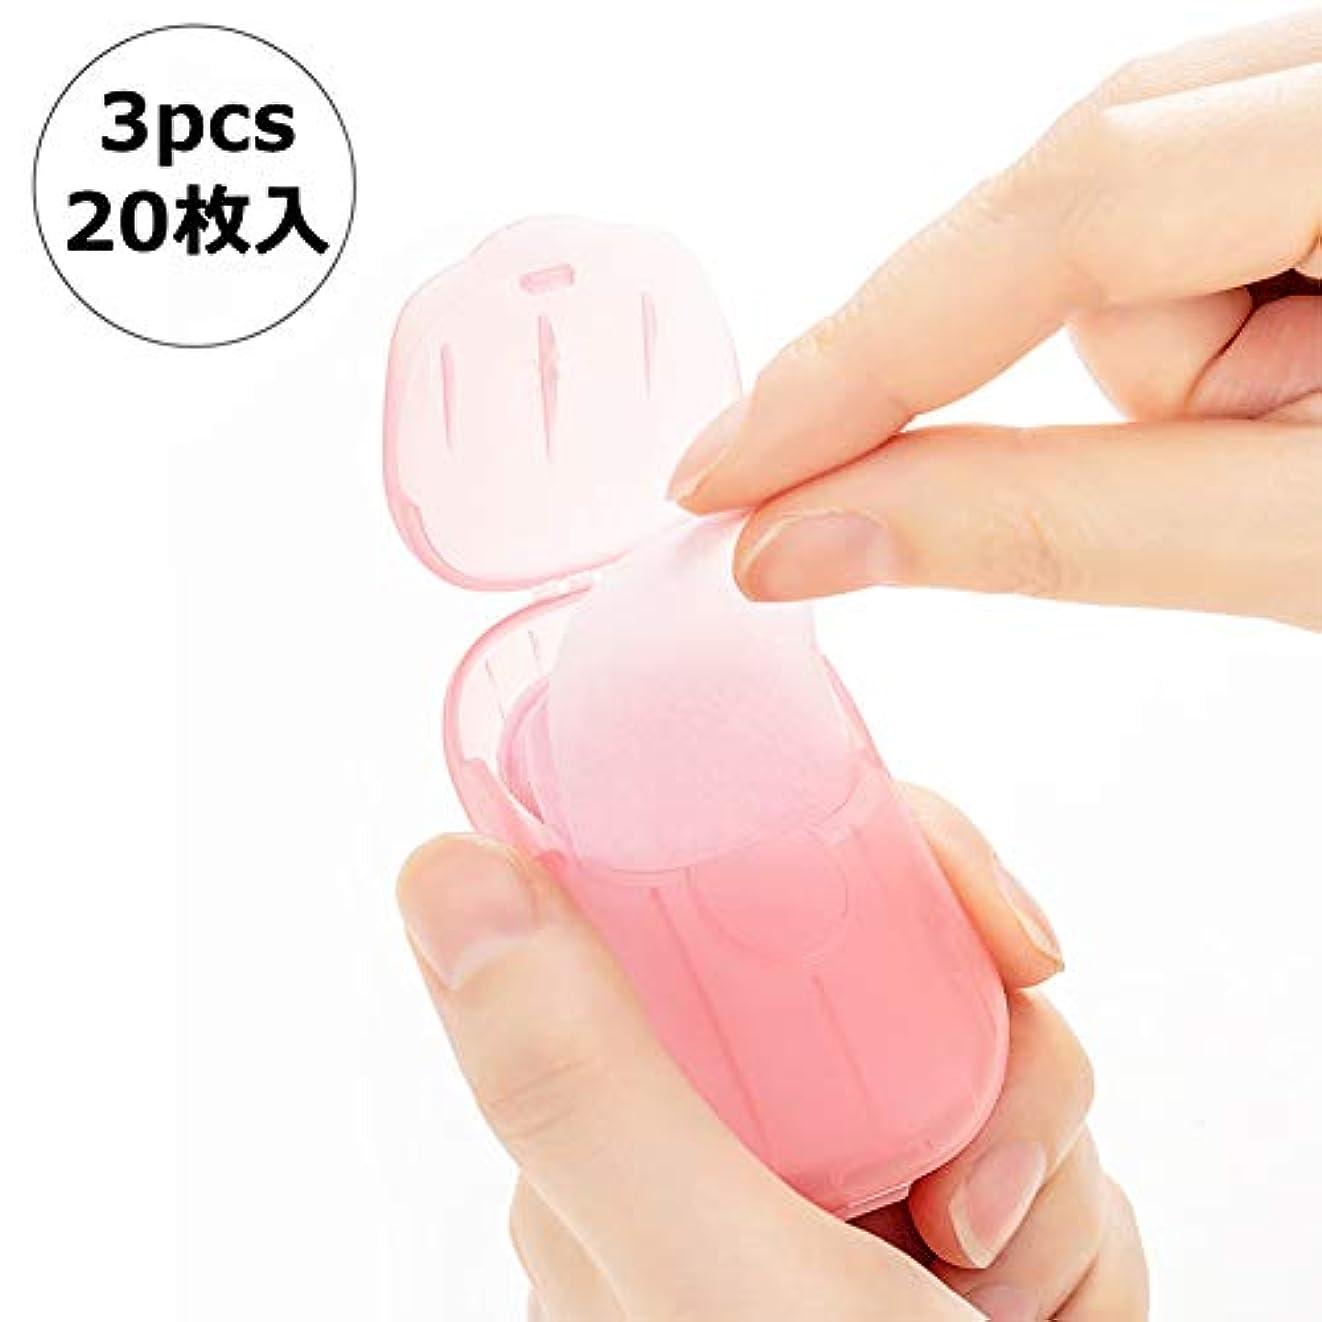 ミット飢えた艶NITIUMI ペーパーソープ 除菌 香り 石鹸 手洗い/お風呂 旅行携帯用 紙せっけん 20枚入 ケース付き カラーランダム (3個セット)